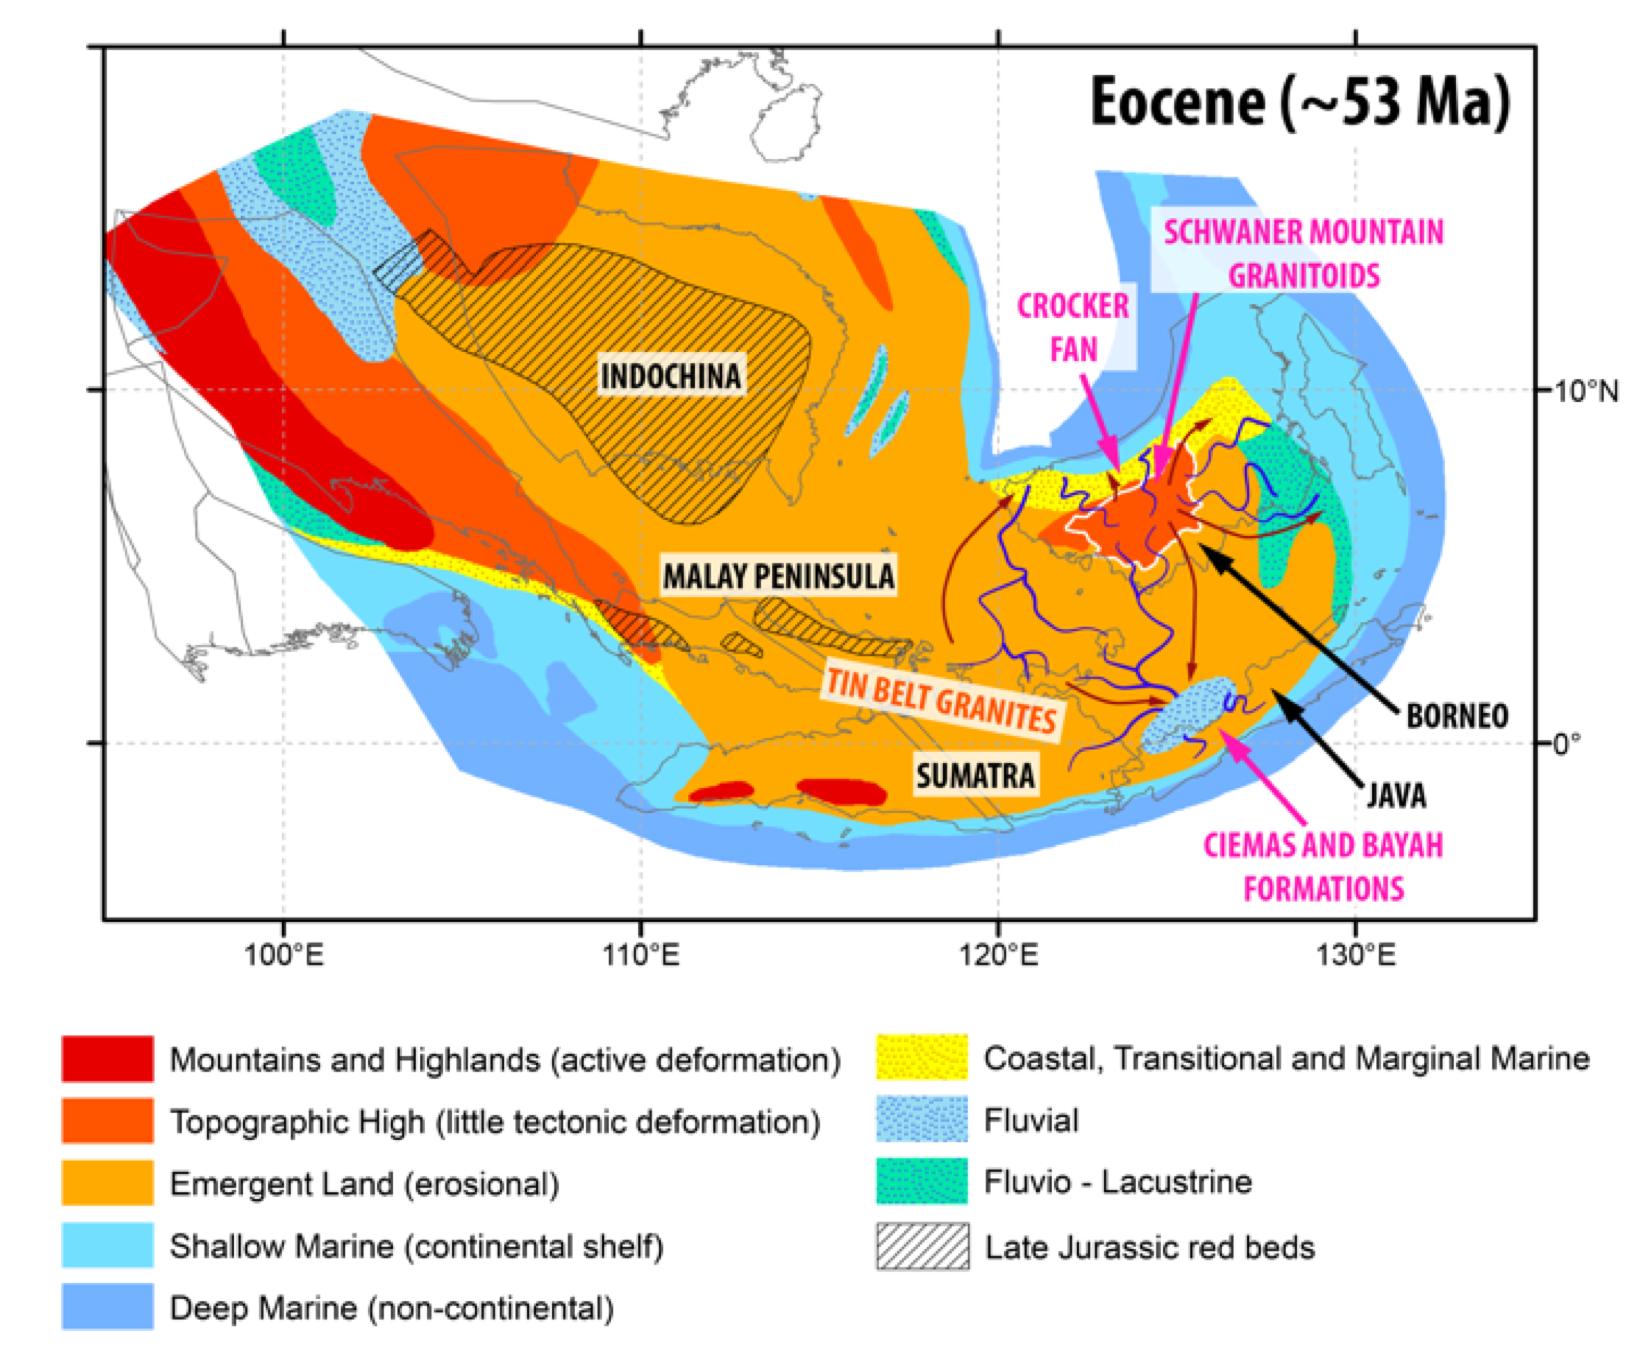 enigma-eocene-sundaland